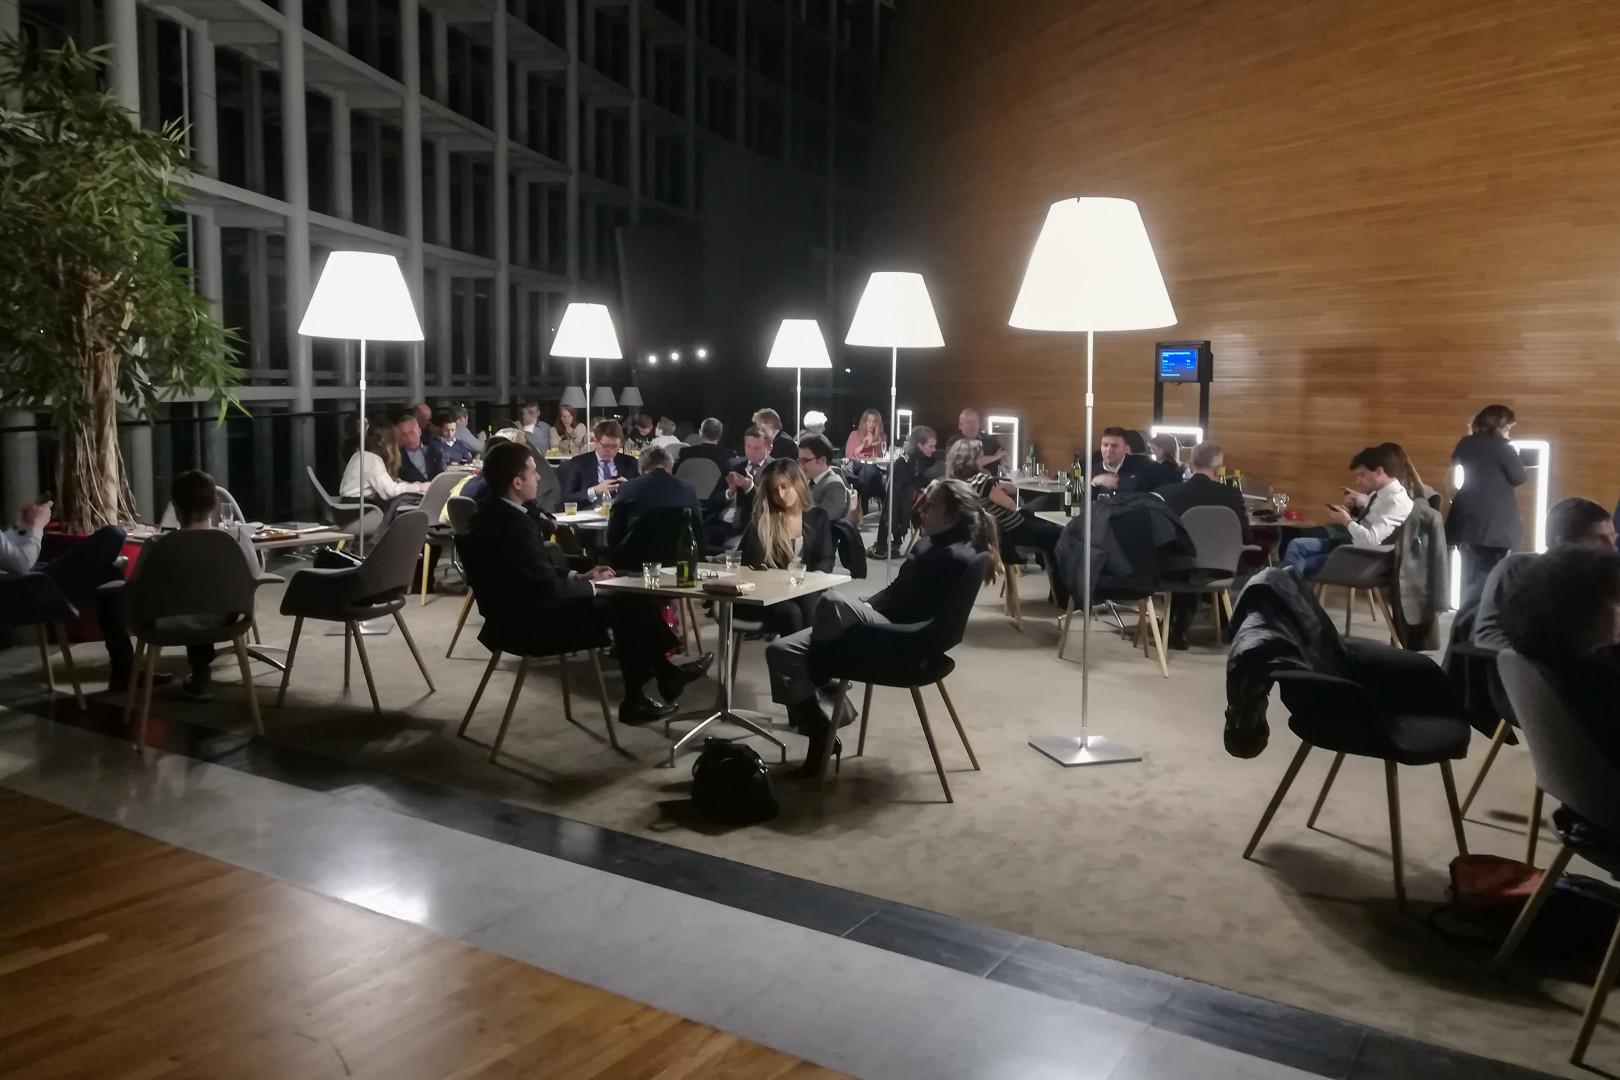 Au sein du Parlement européen, certains députés sont coincés avec leur équipe.